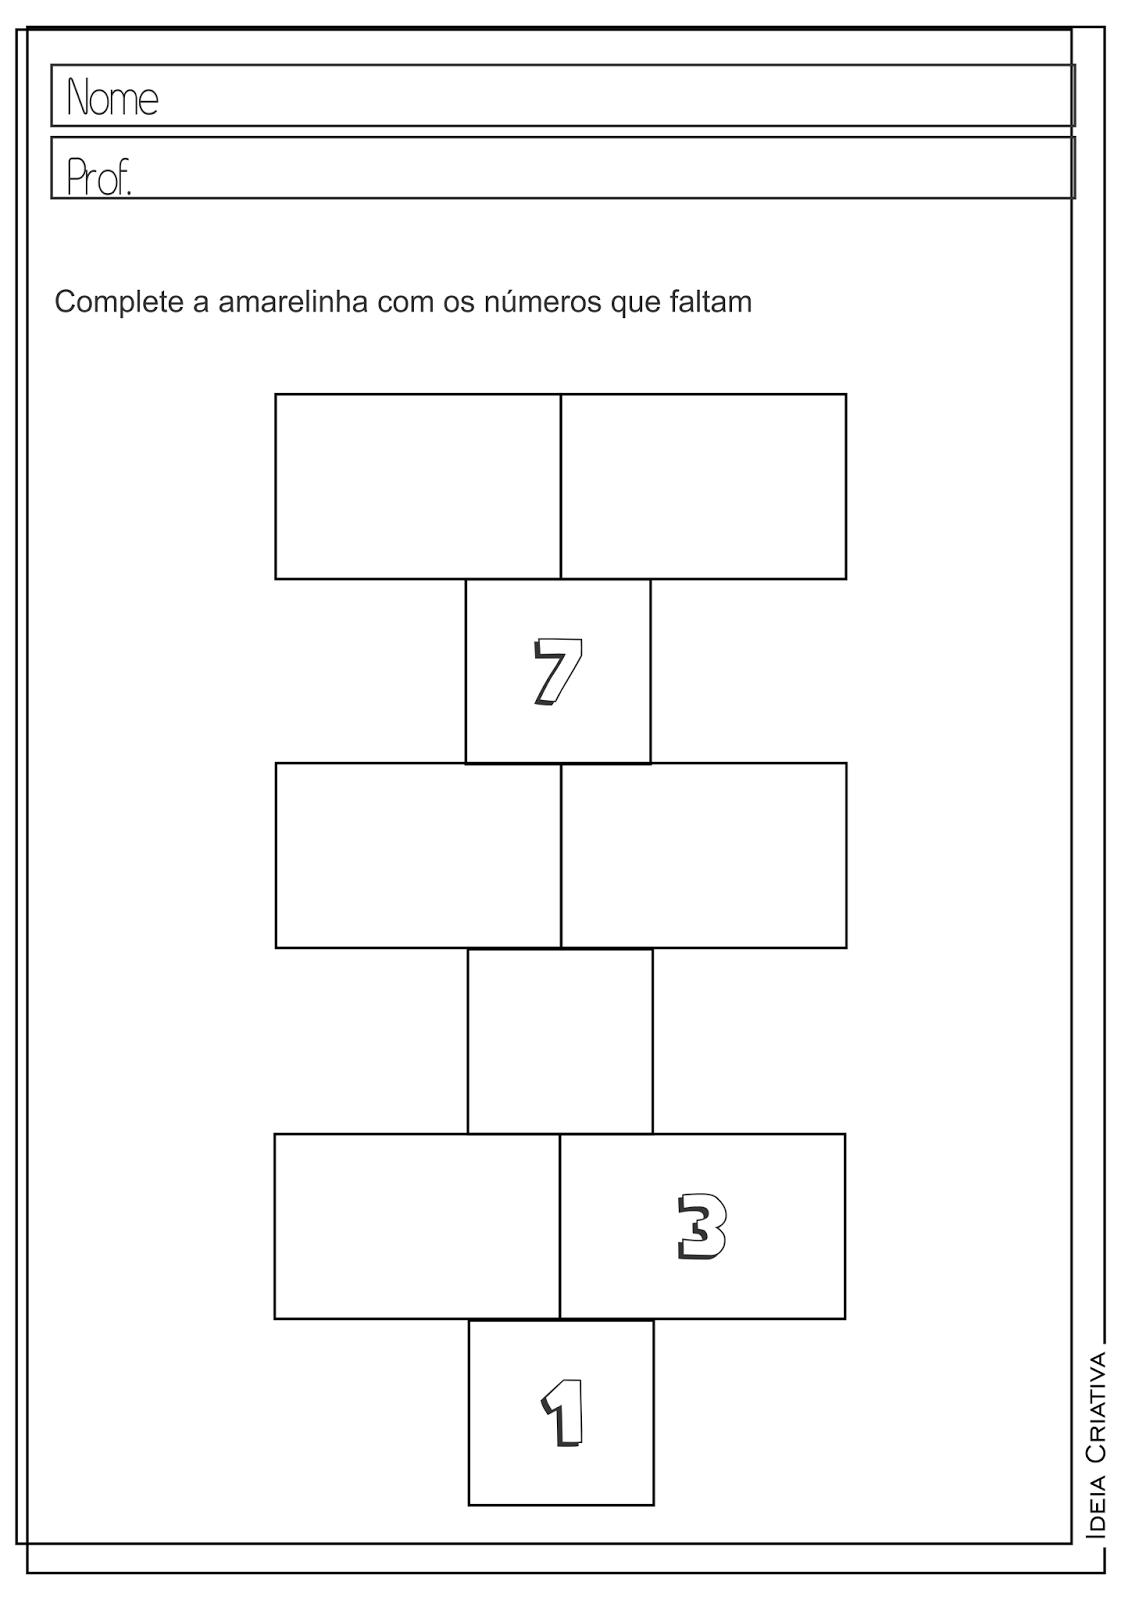 Atividades Educativas Matemática Sequência Numérica para Ensino Fundamental